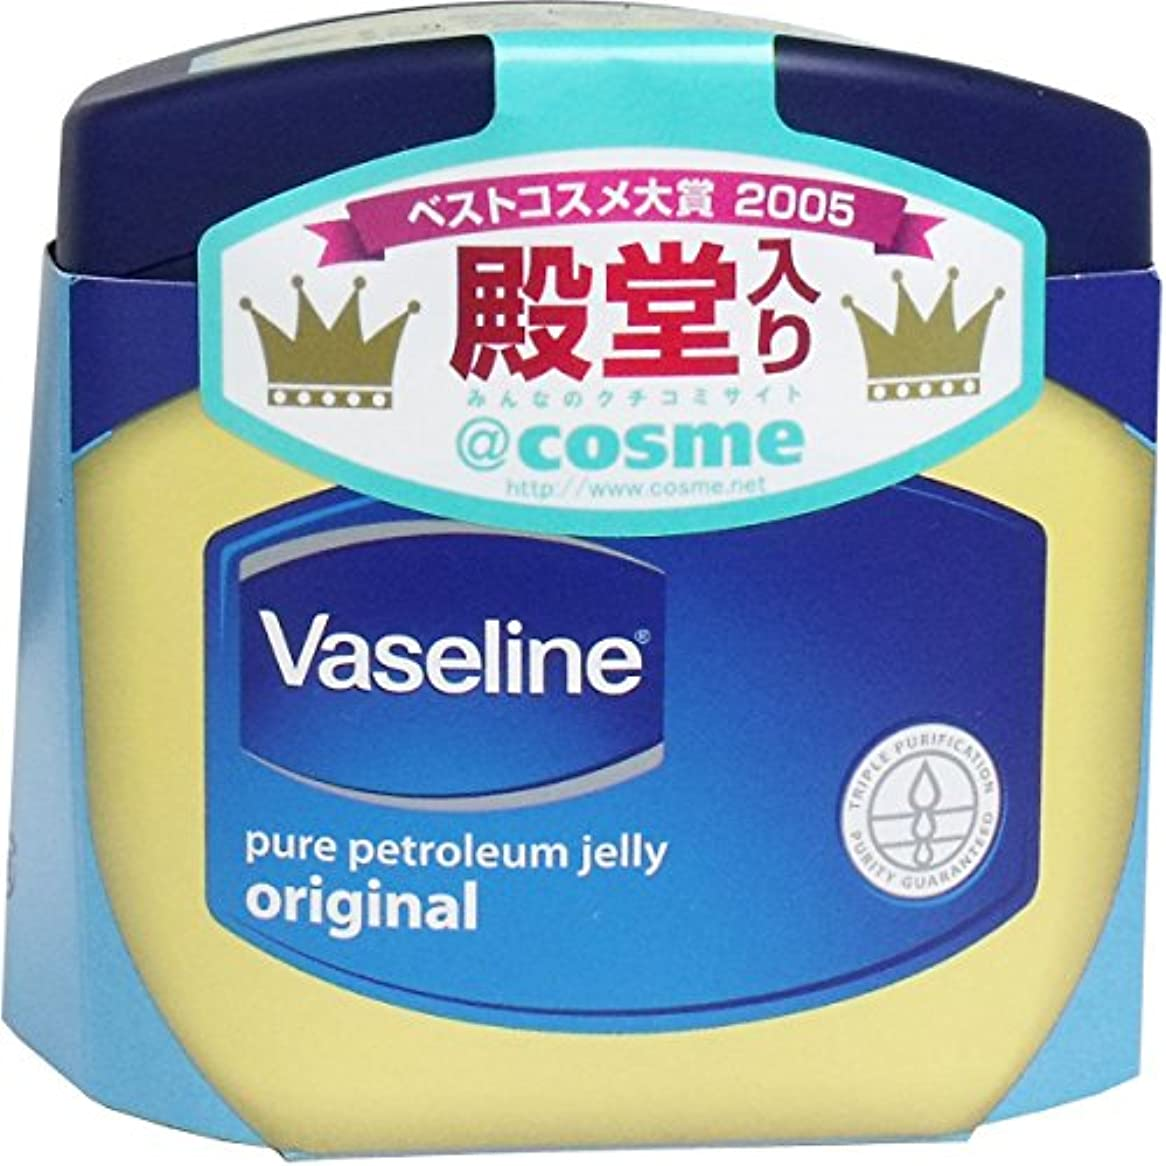 眉をひそめるビジター構成【Vaseline】ヴァセリン ピュアスキンジェリー (スキンオイル) 200g ×20個セット